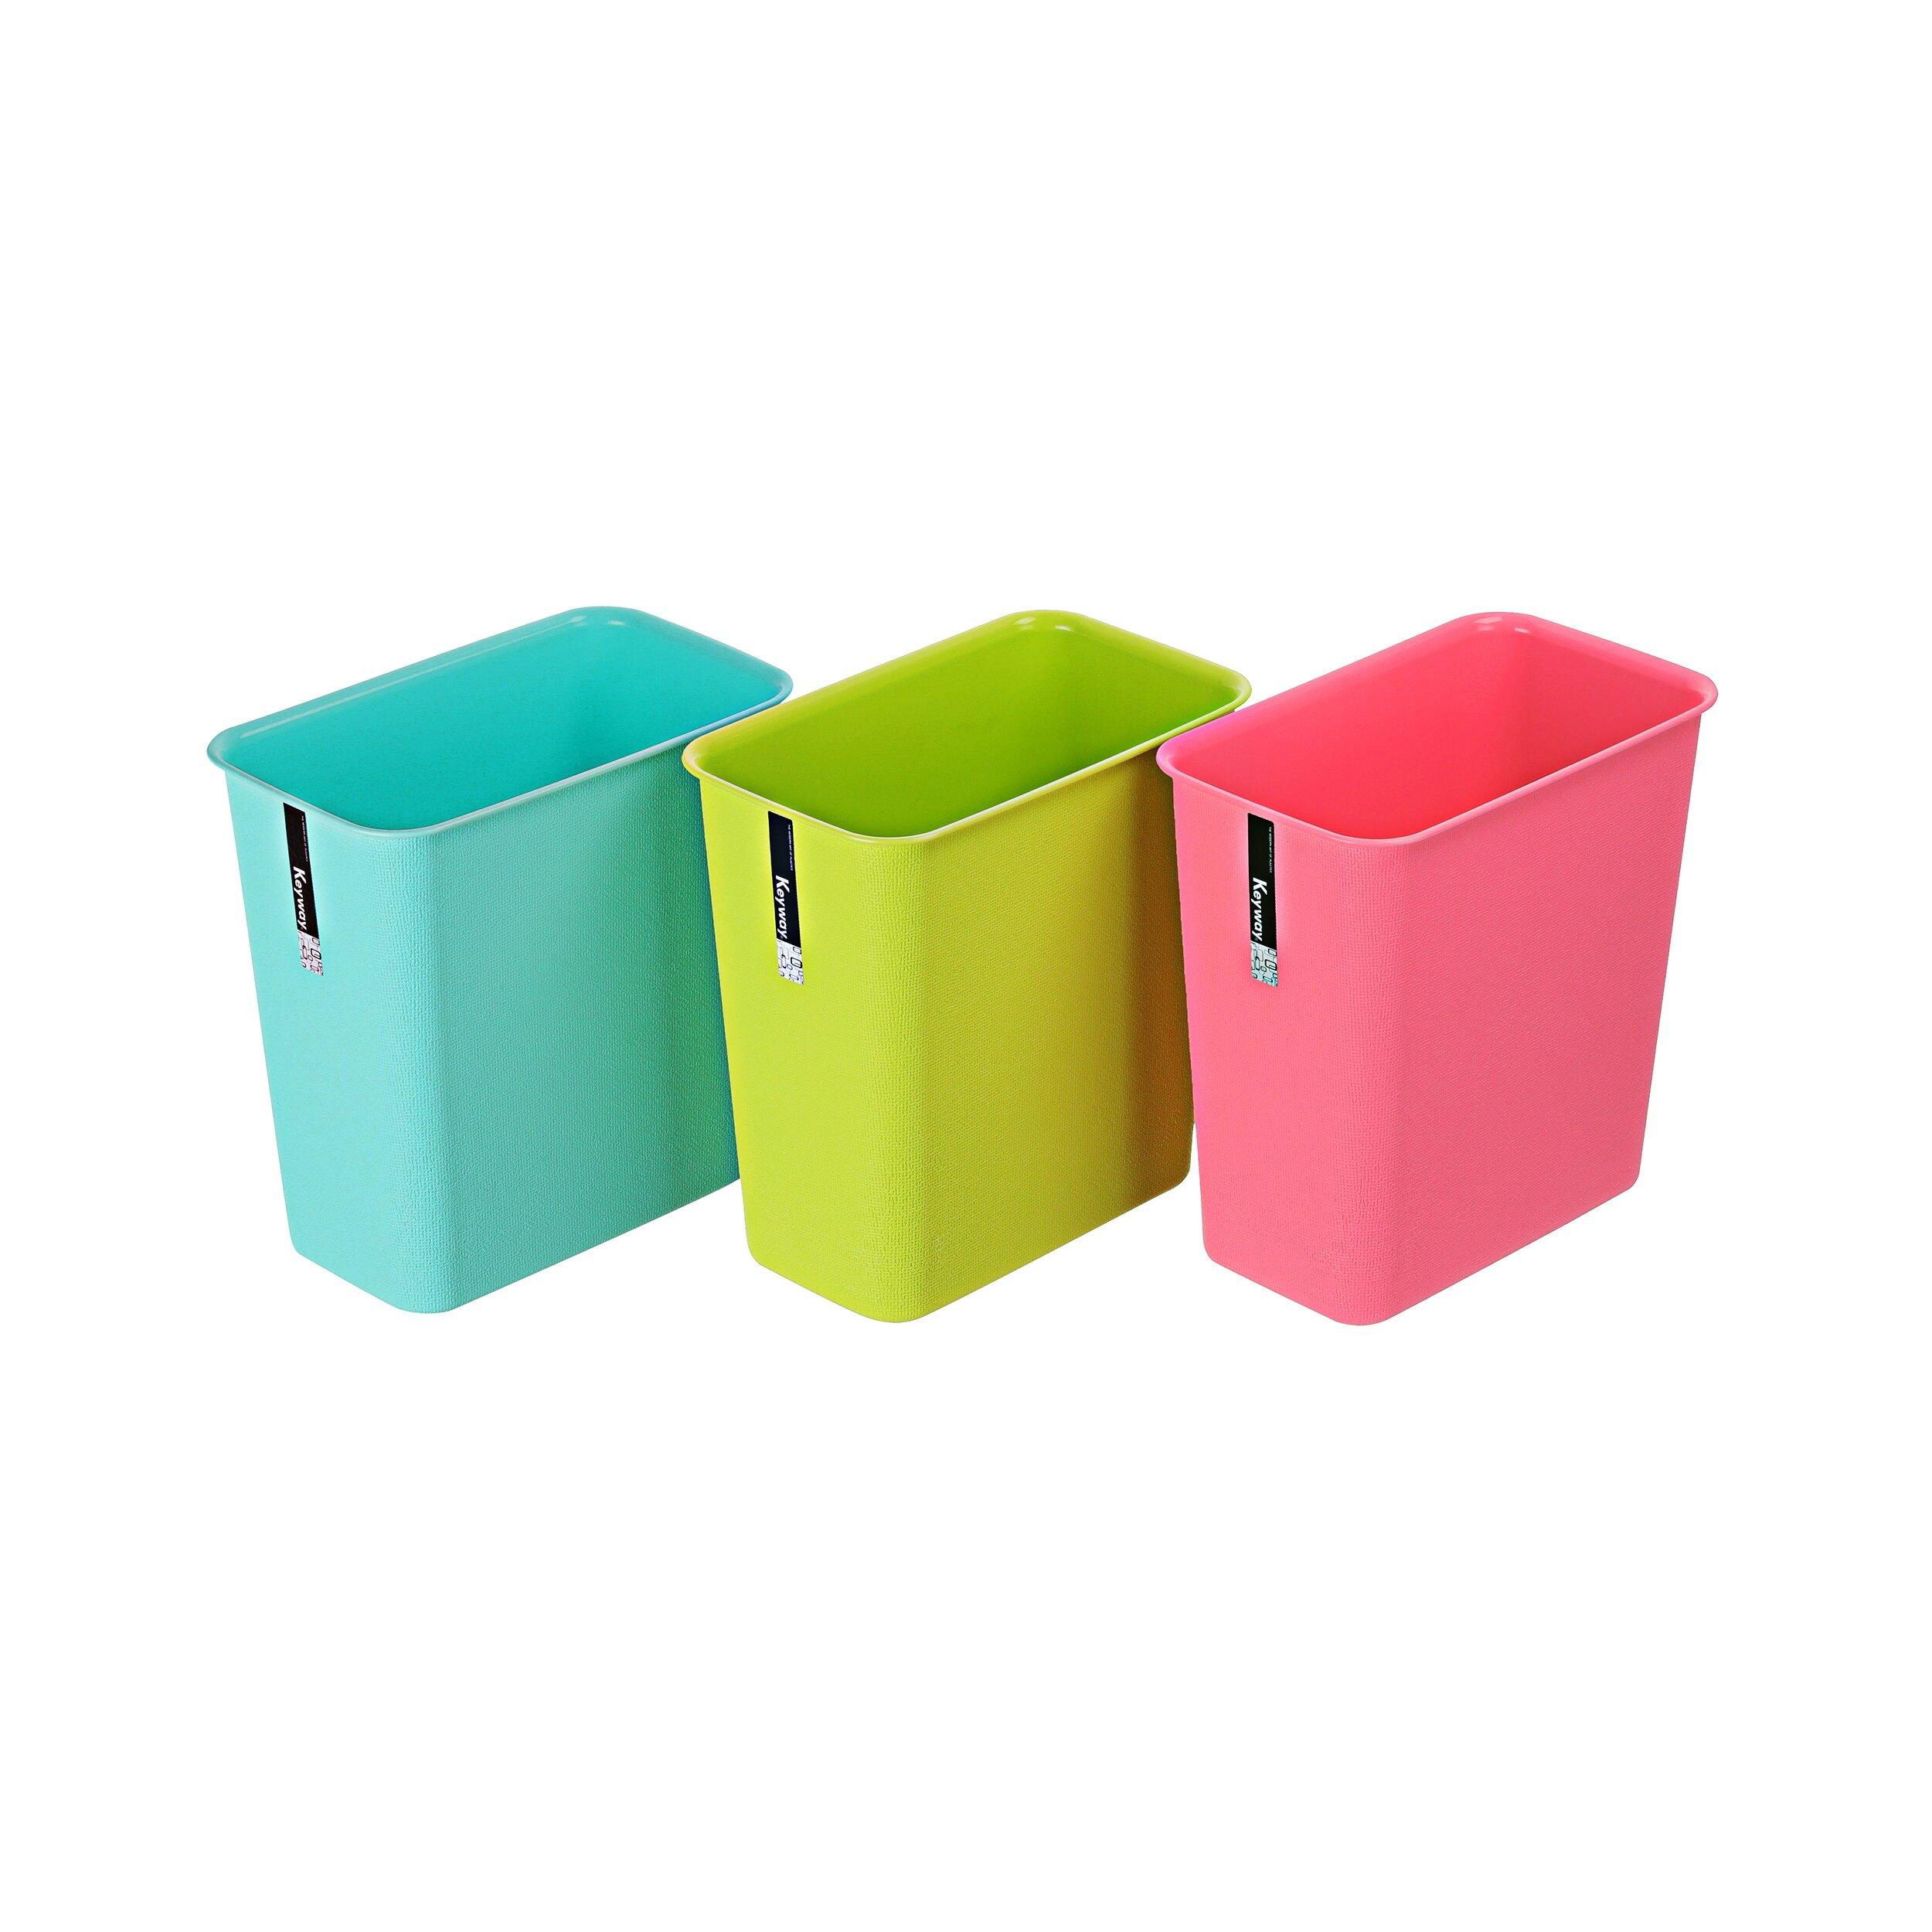 長型垃圾桶/色彩風格/MIT台灣製造  大彩虹垃圾桶(長型)  C9301 KEYWAY聯府